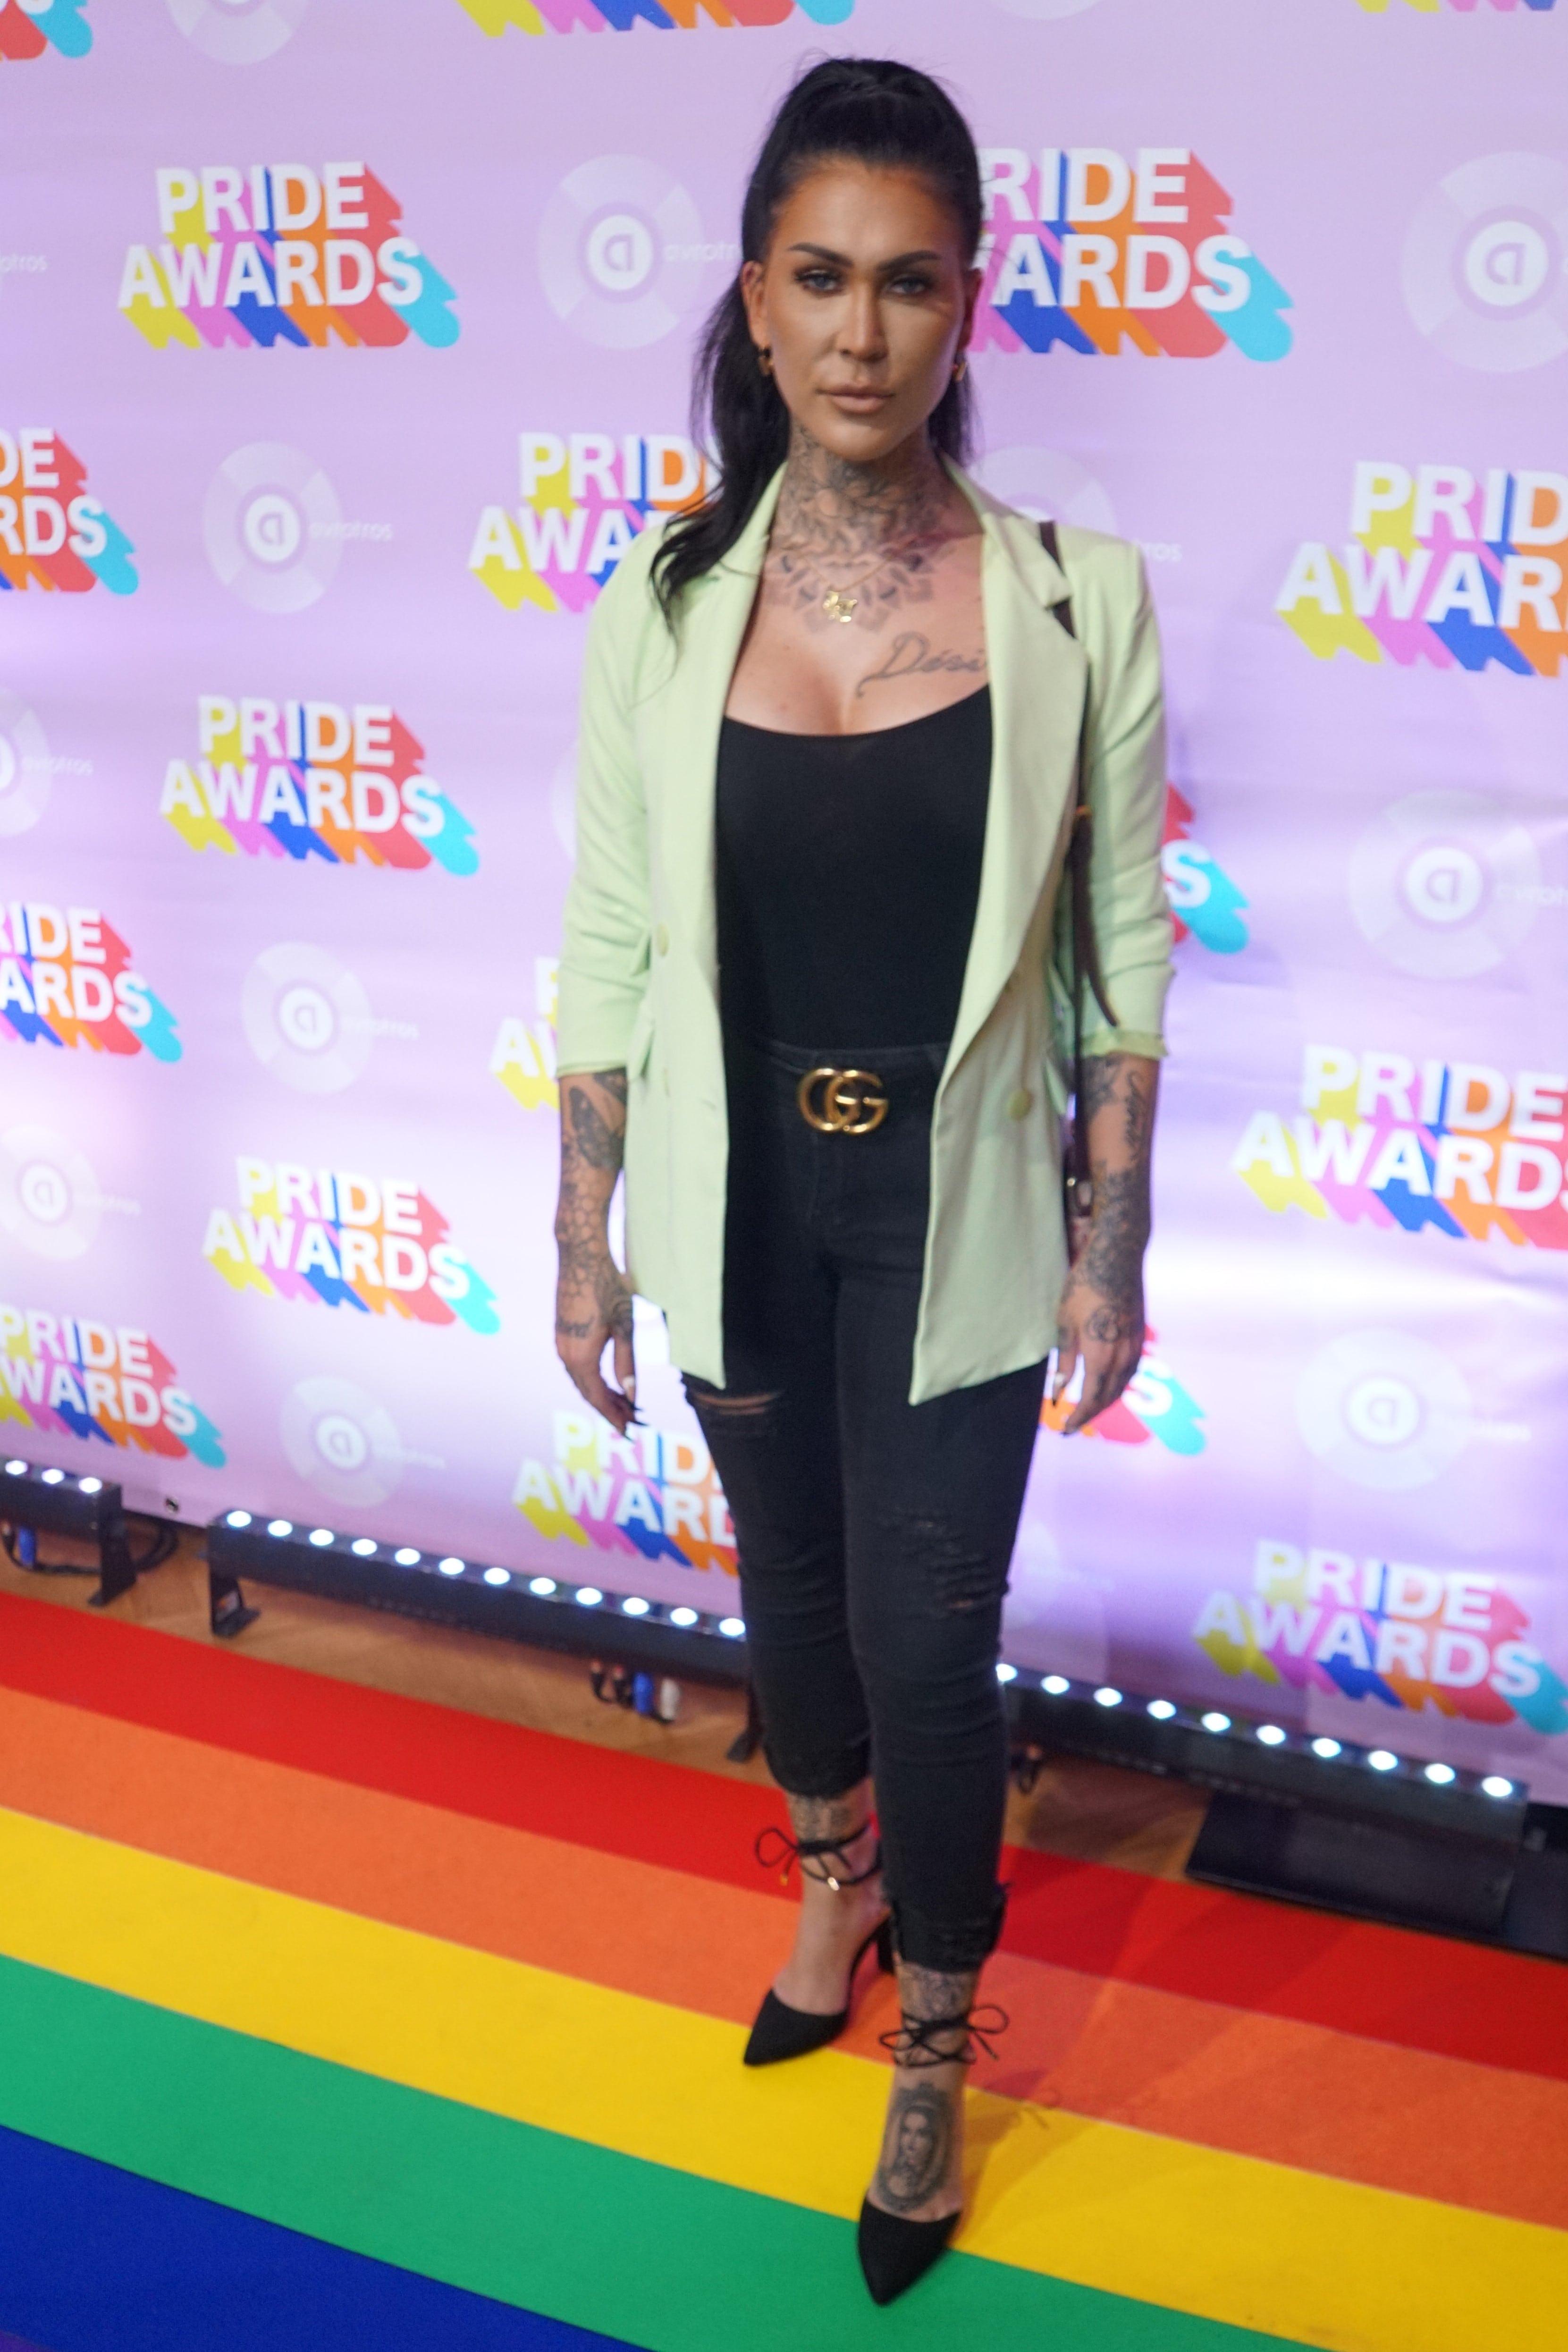 Foto's en verhaal: Pride Awards uitreiking bij Vondel CS